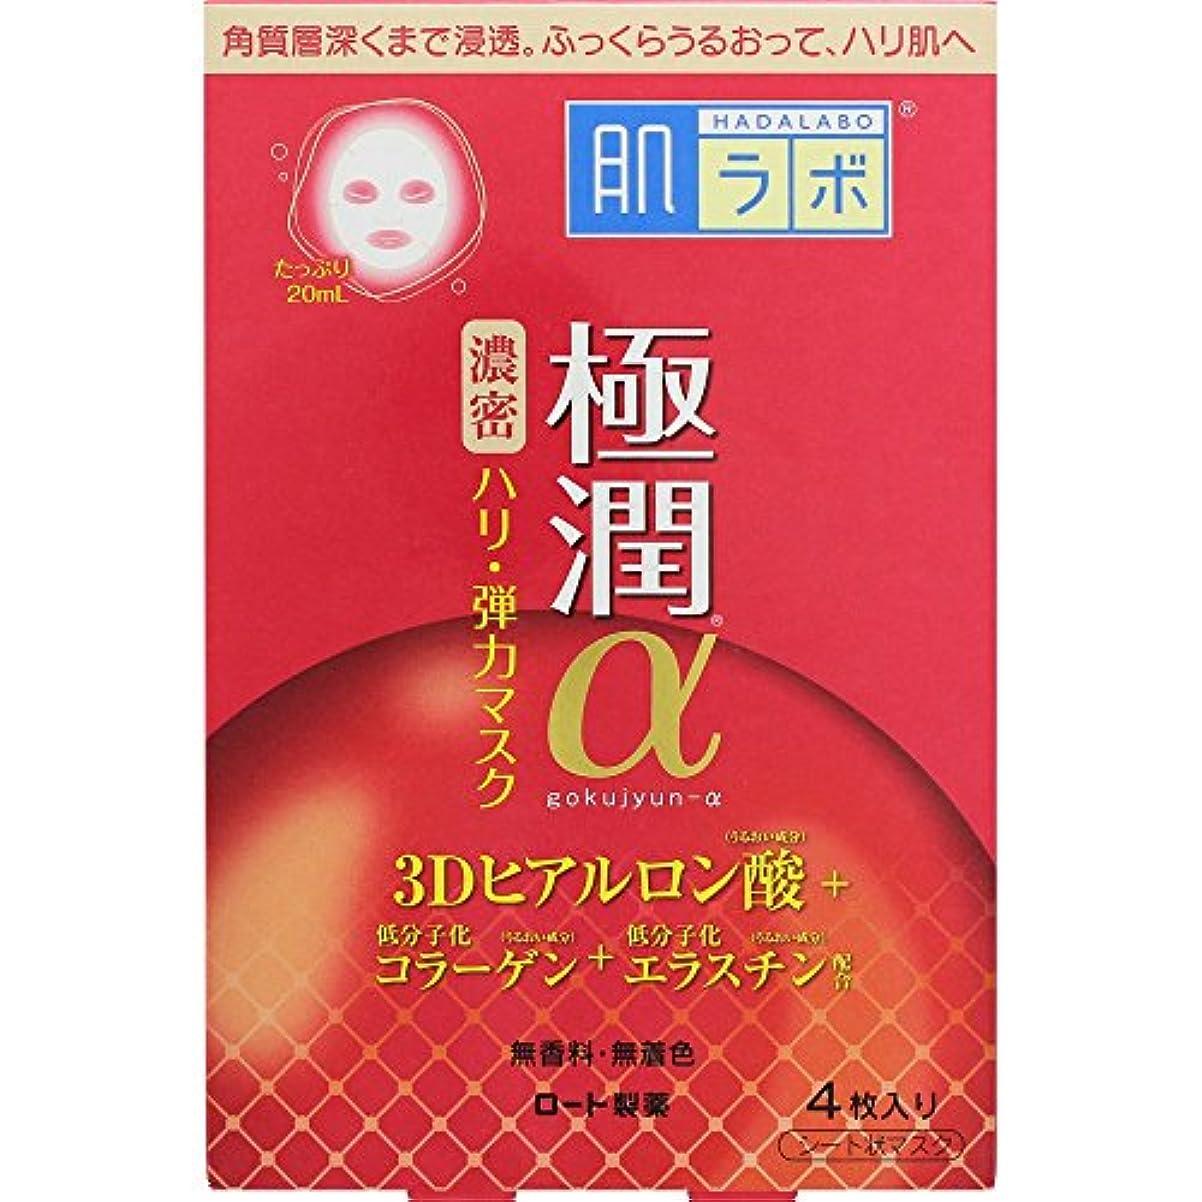 ぎこちない有望ゆるく肌ラボ 極潤α スペシャルハリマスク 3Dヒアルロン酸×低分子化コラーゲン×低分子化エラスチン配合 4枚